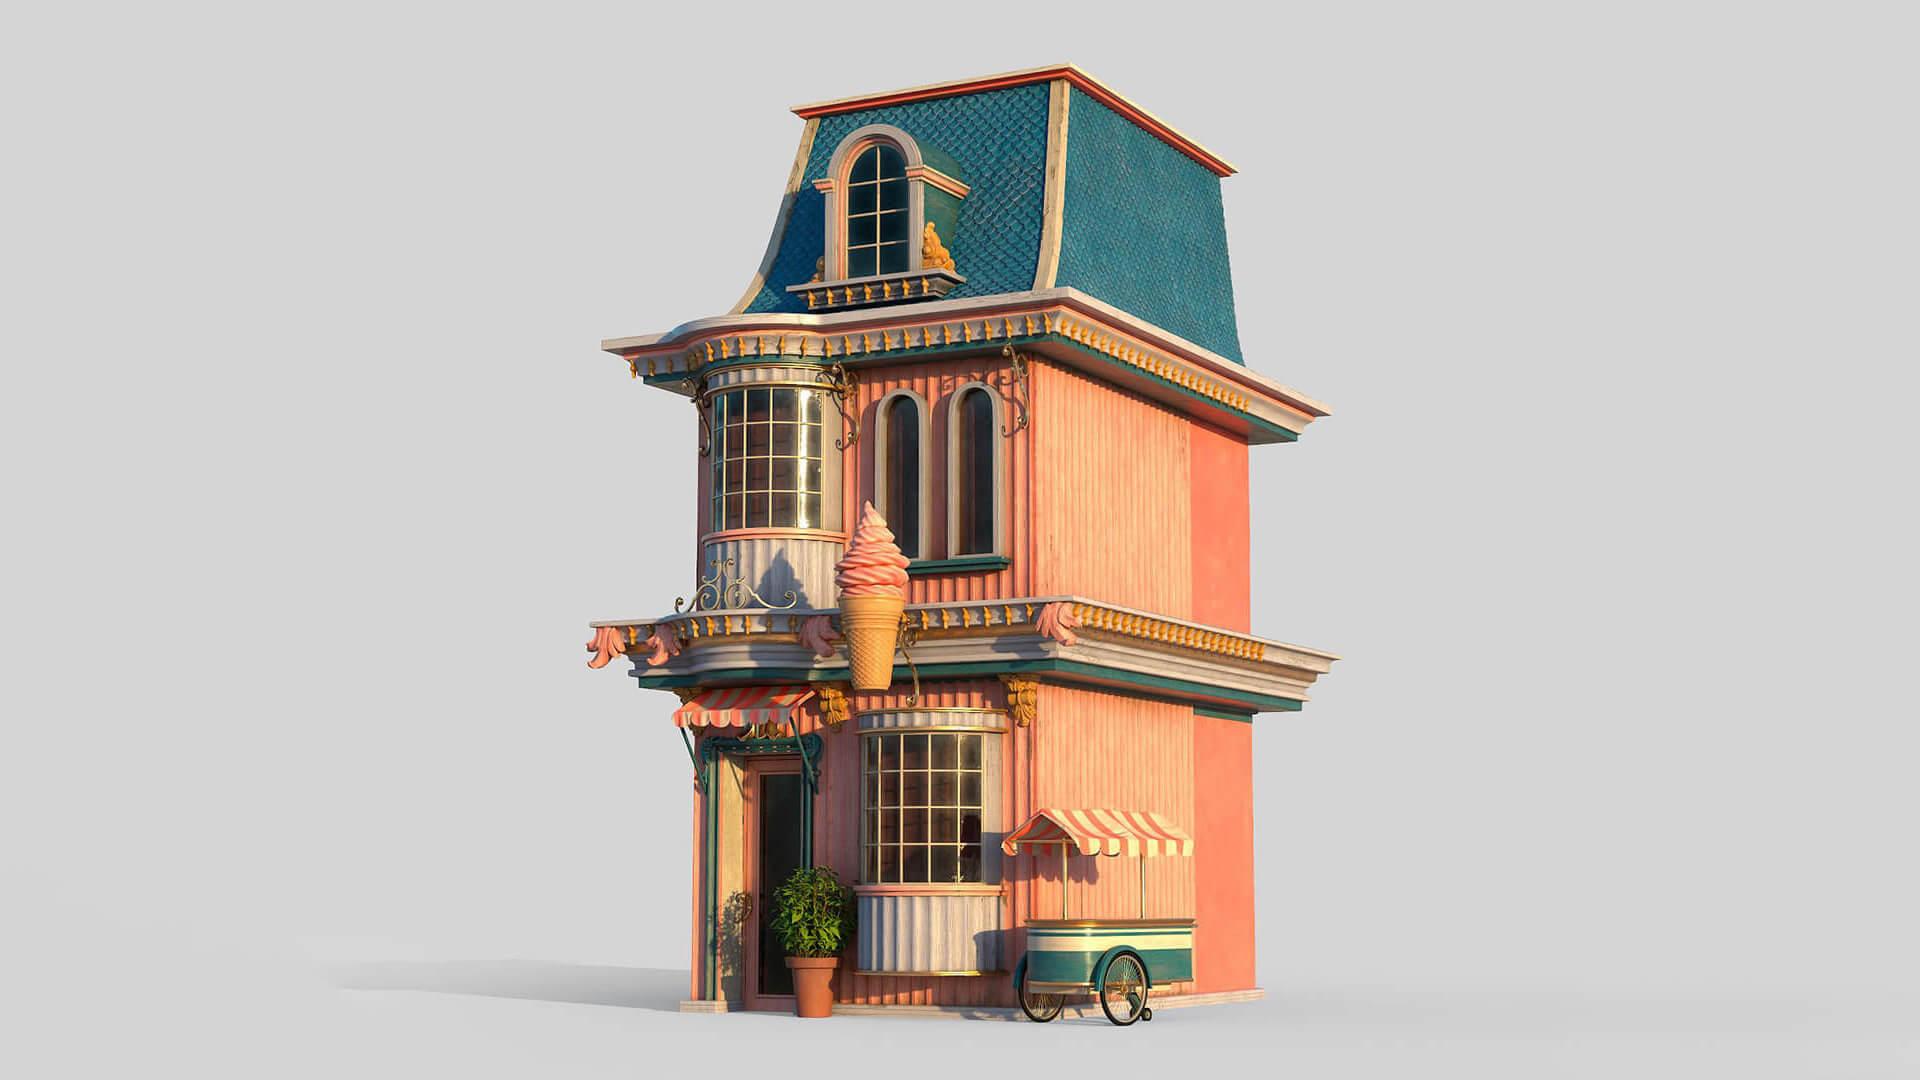 roofstudio_unbreakable_process-25